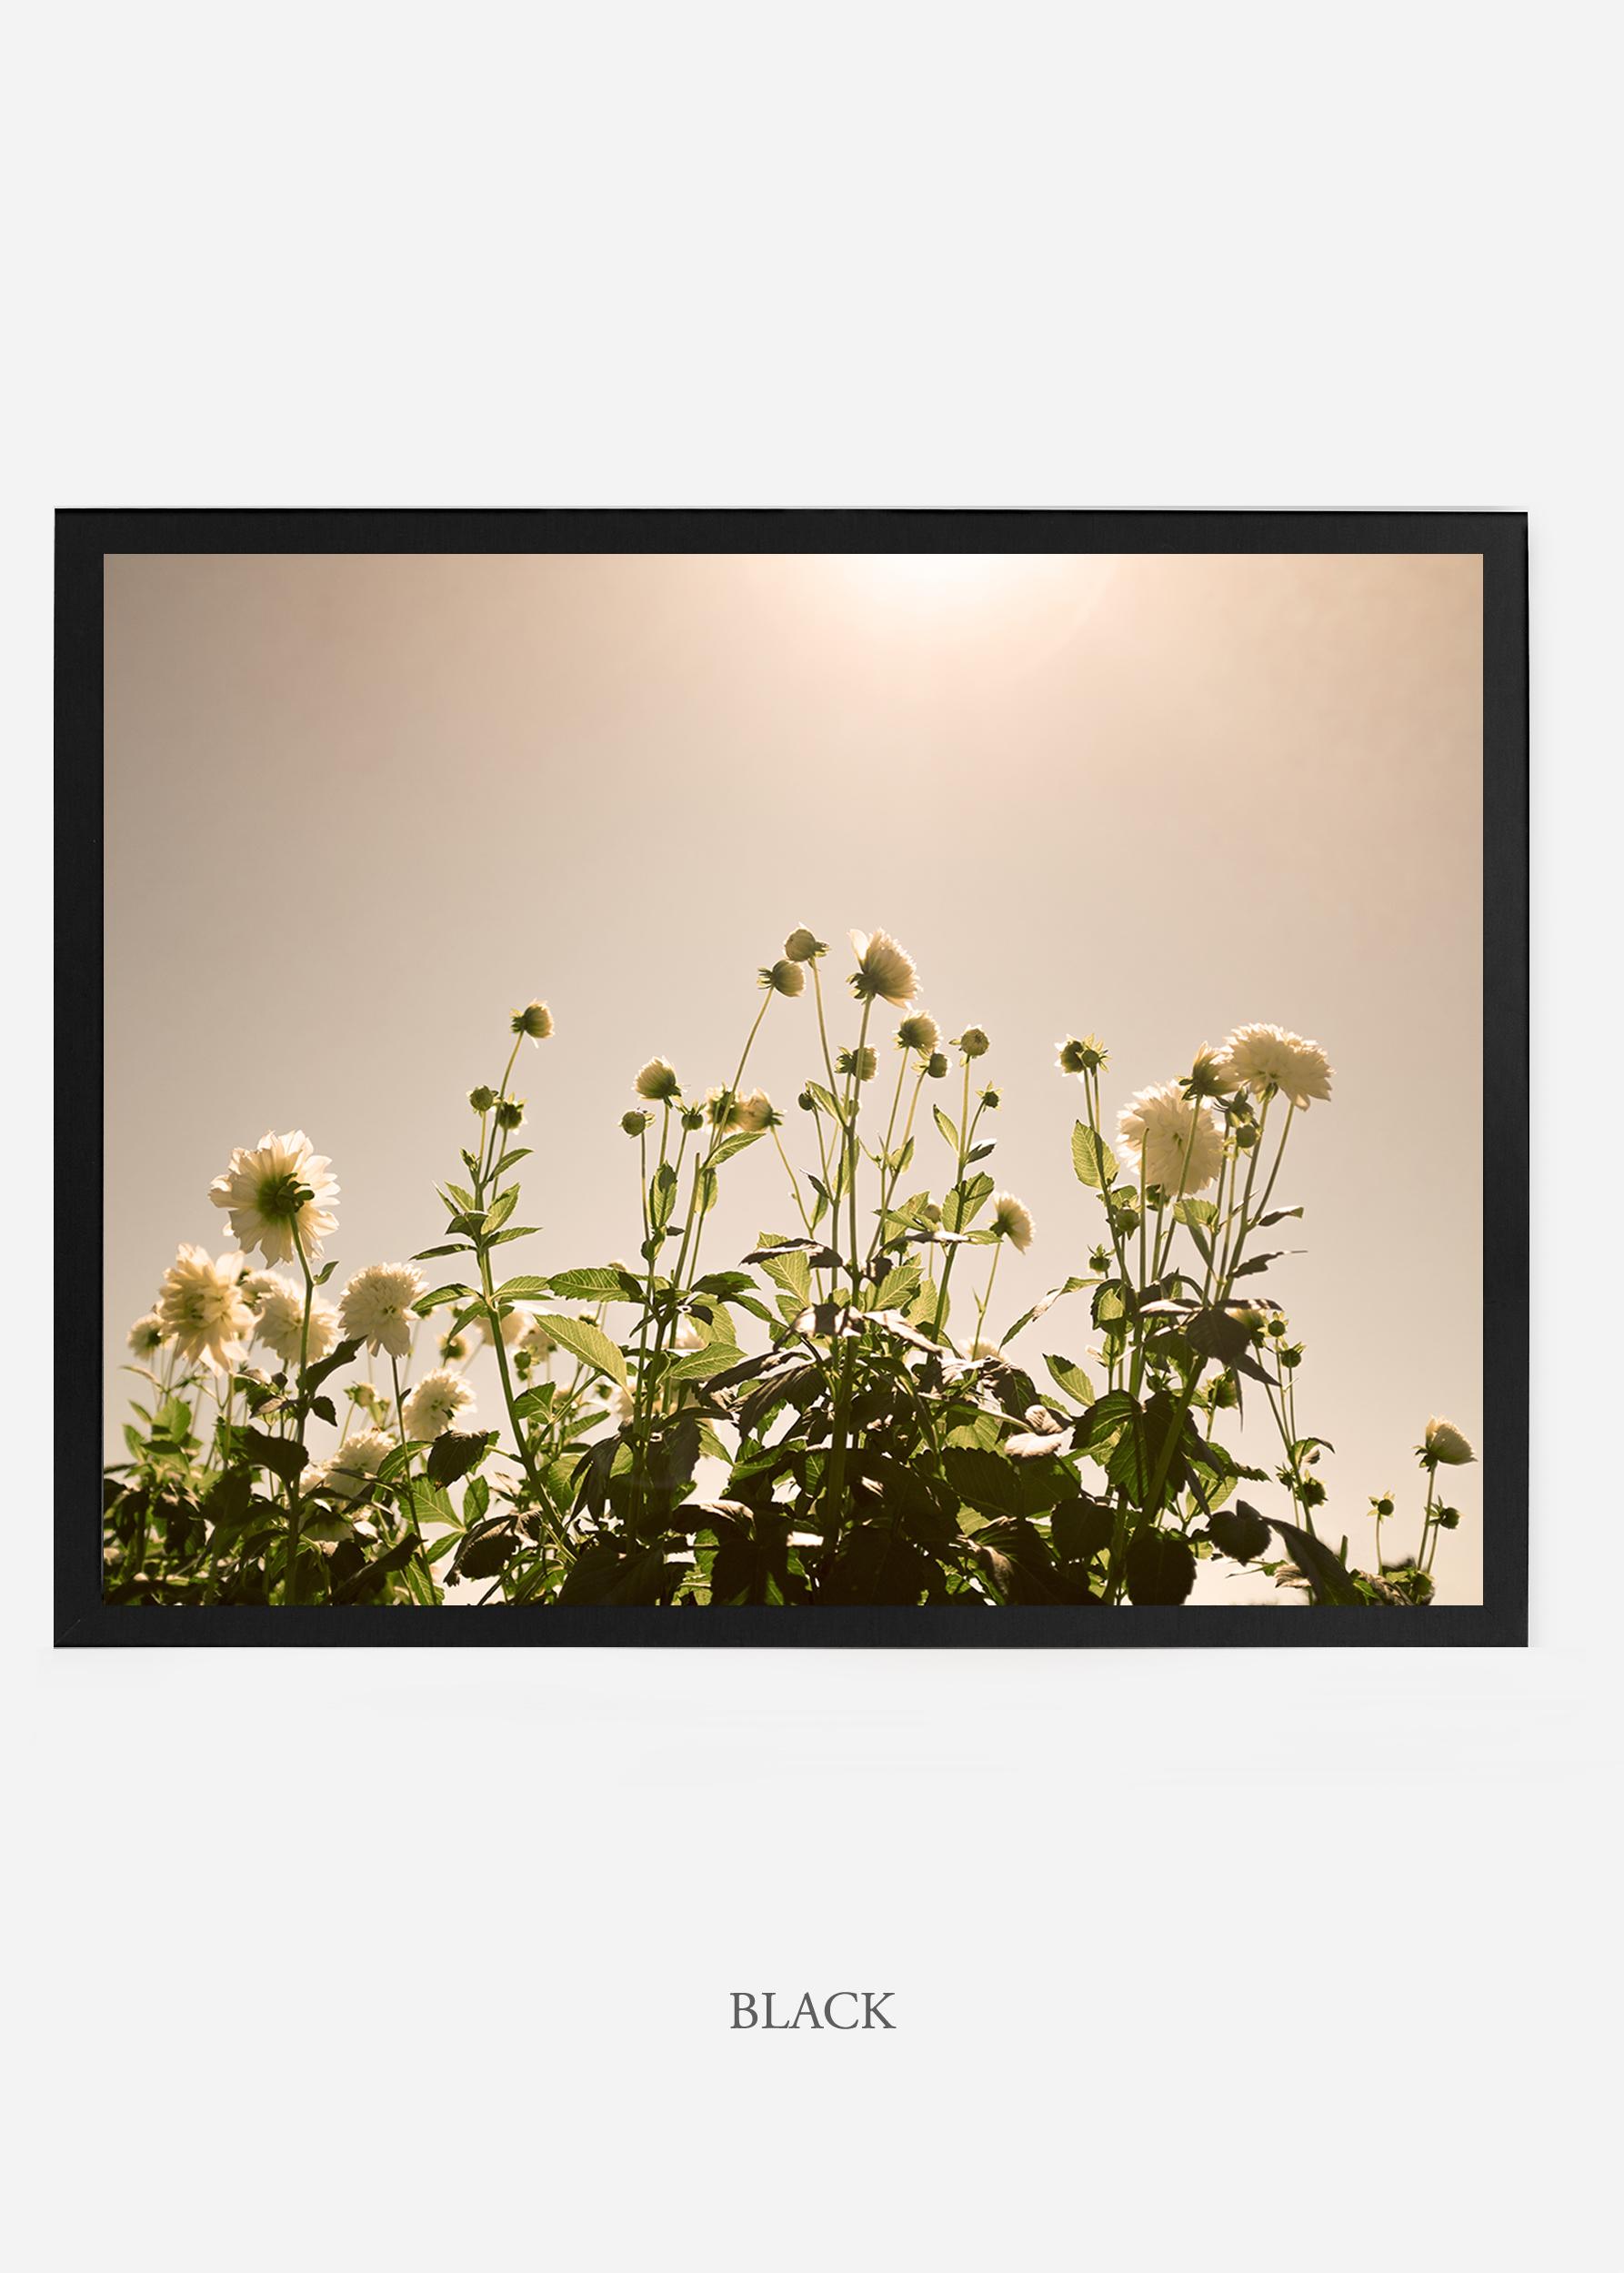 NoMat-BlackFrame-DahliaNo.7a-Wilder-California-Art-Floral-Home-decor-Prints-Dahlia-Botanical-Artwork-Interior-design.jpg